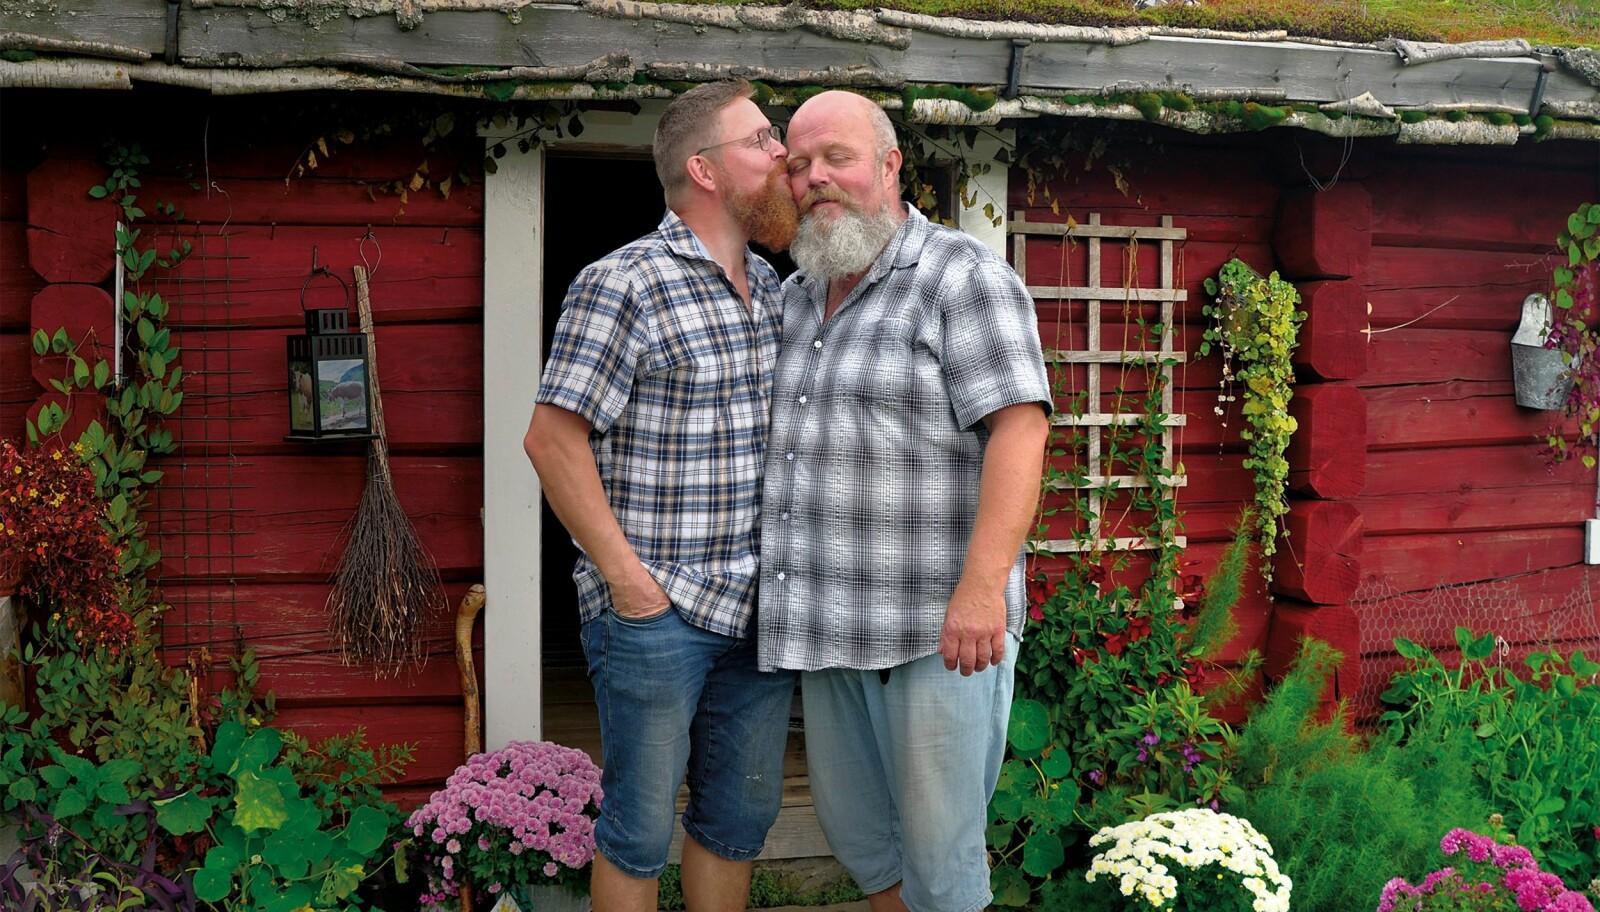 Roy Leirvik (t v) og Erik Fleischer har visst om hverandre siden de traff hverandre i Oslo i 2000. For fire år siden ble dyrlegen og bonden kjærester.